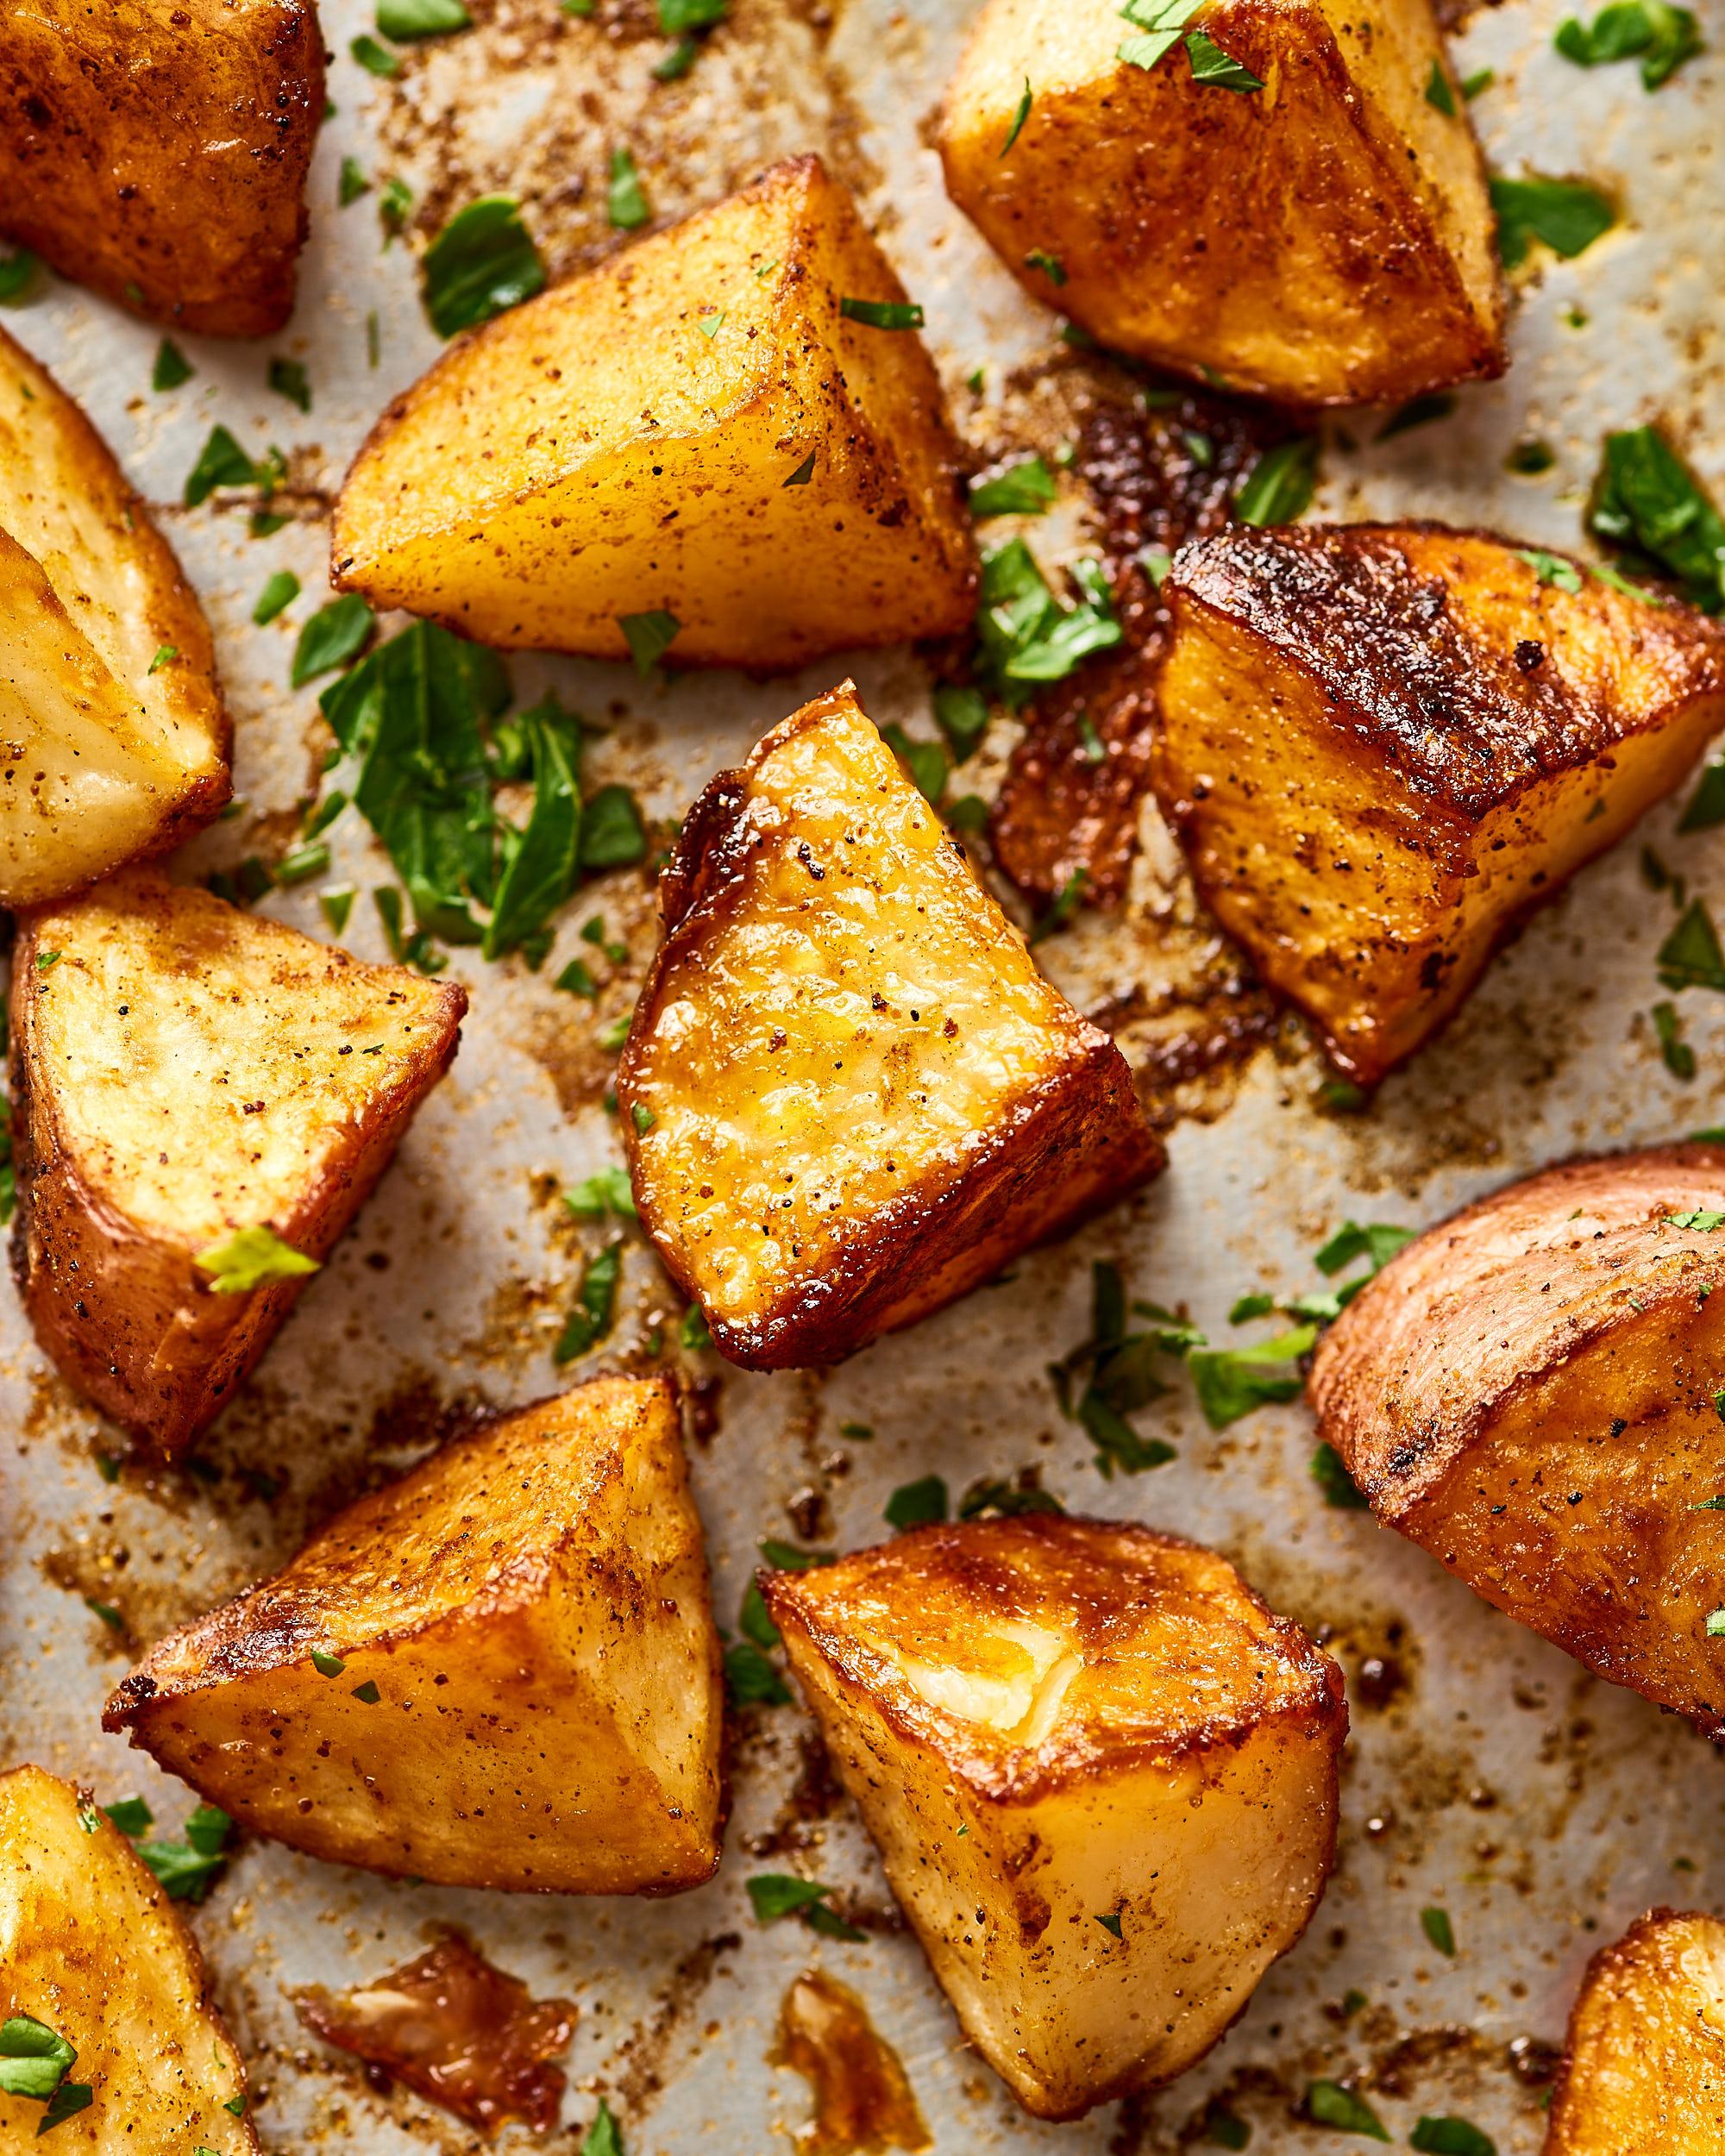 Recipe: 3-Ingredient Sheet Pan Cajun Spiced Potatoes